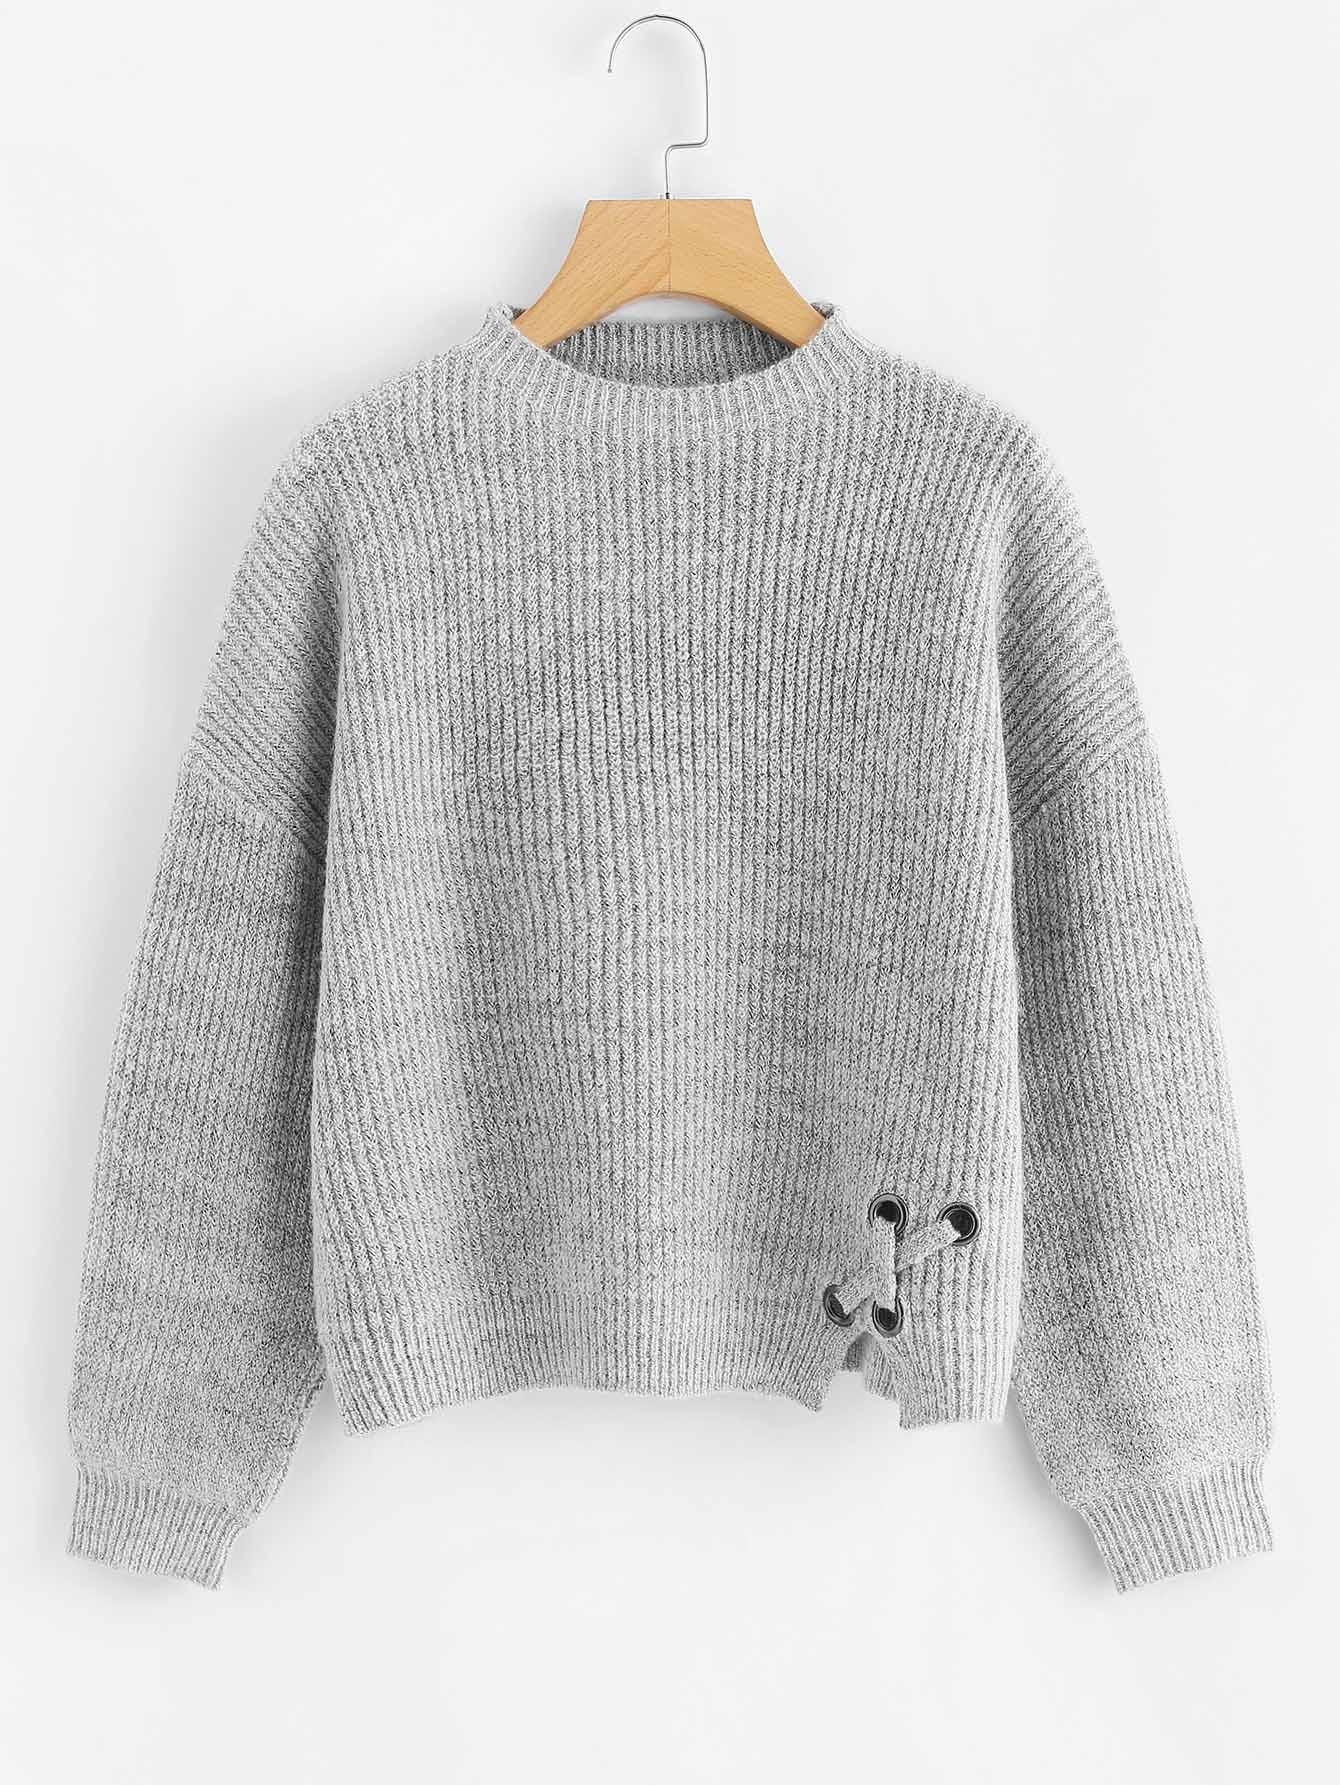 Громмет Крисскросс Деталь Heather Grey Sweater, null, SheIn  - купить со скидкой